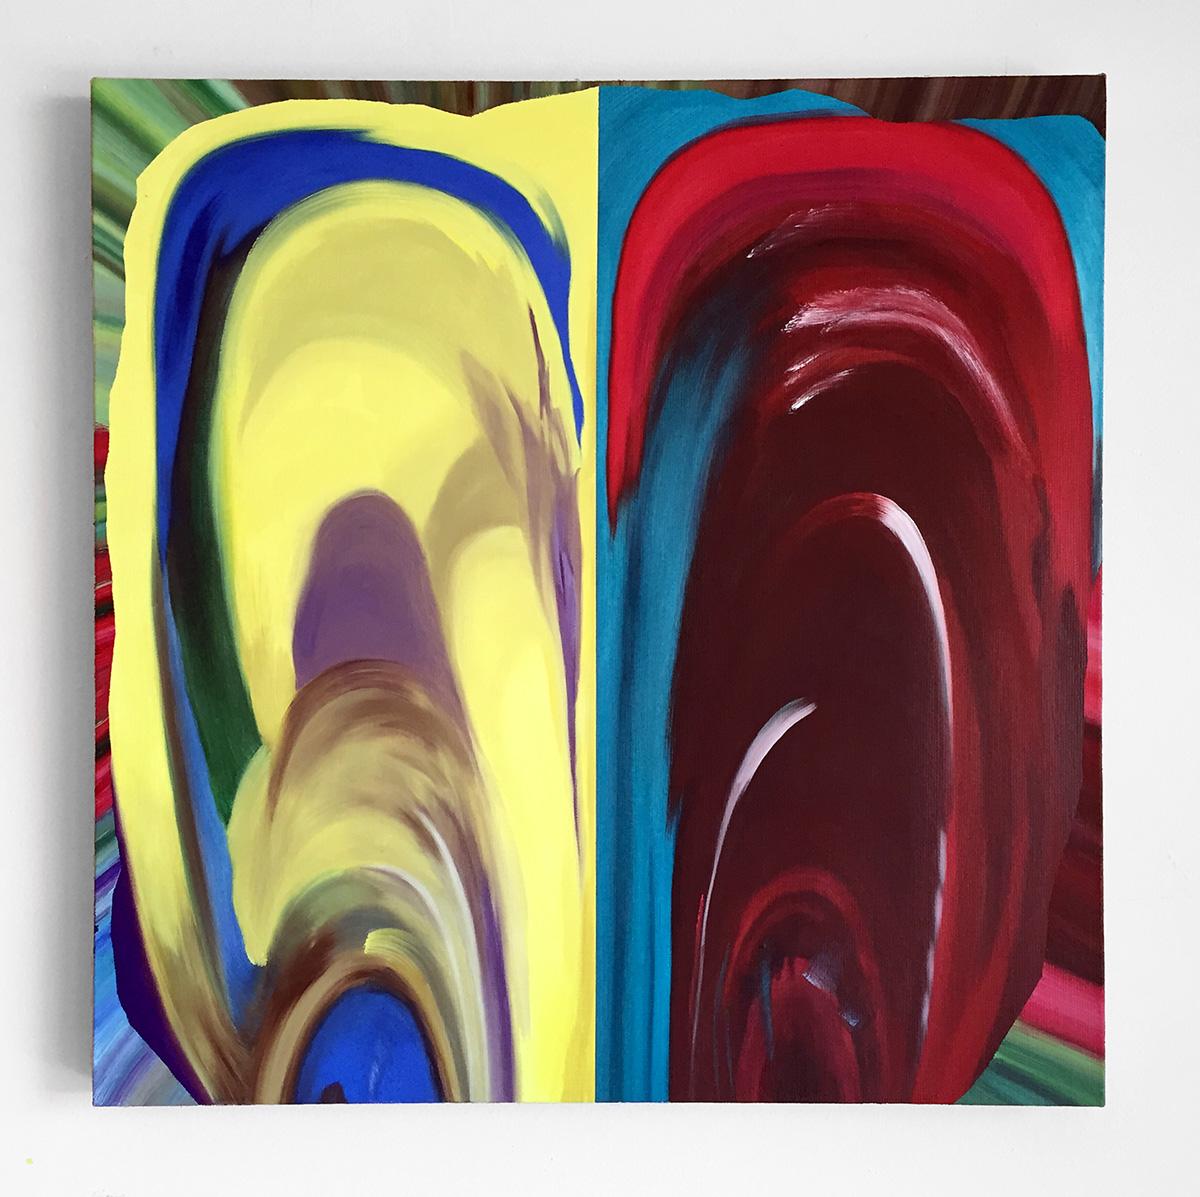 Untitled+(2014-27)+21x21in+oil+on+linen.jpg